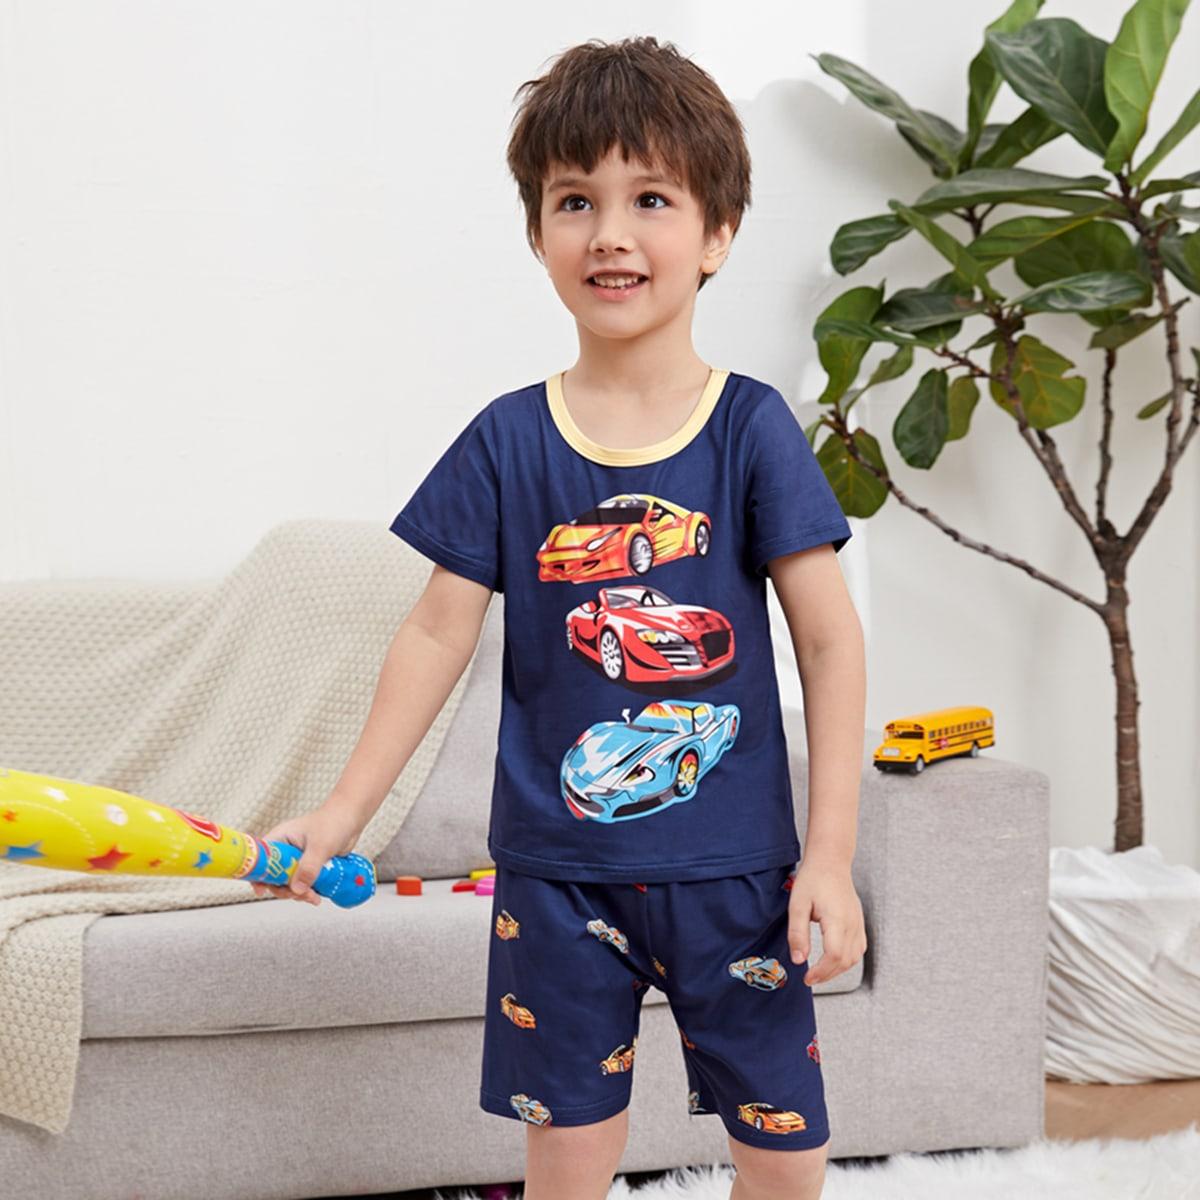 Контрастная отделка графический принт Повседневный Домашняя одежда для мальчиков